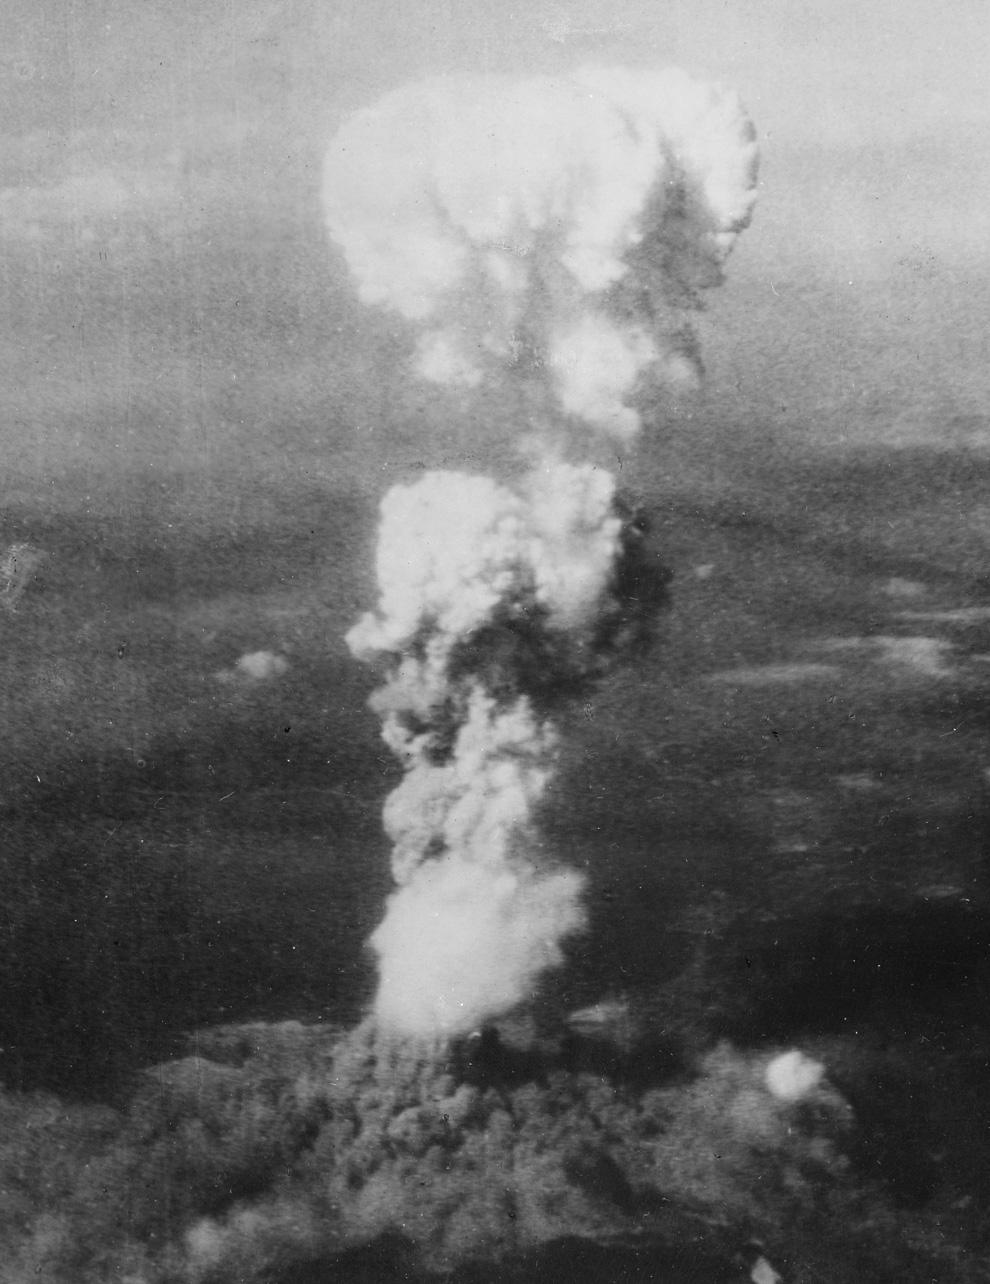 8. Растущий ядерный «гриб» над Хиросимой вскоре после 8:15, 5 августа 1945. Когда порция урана в бом